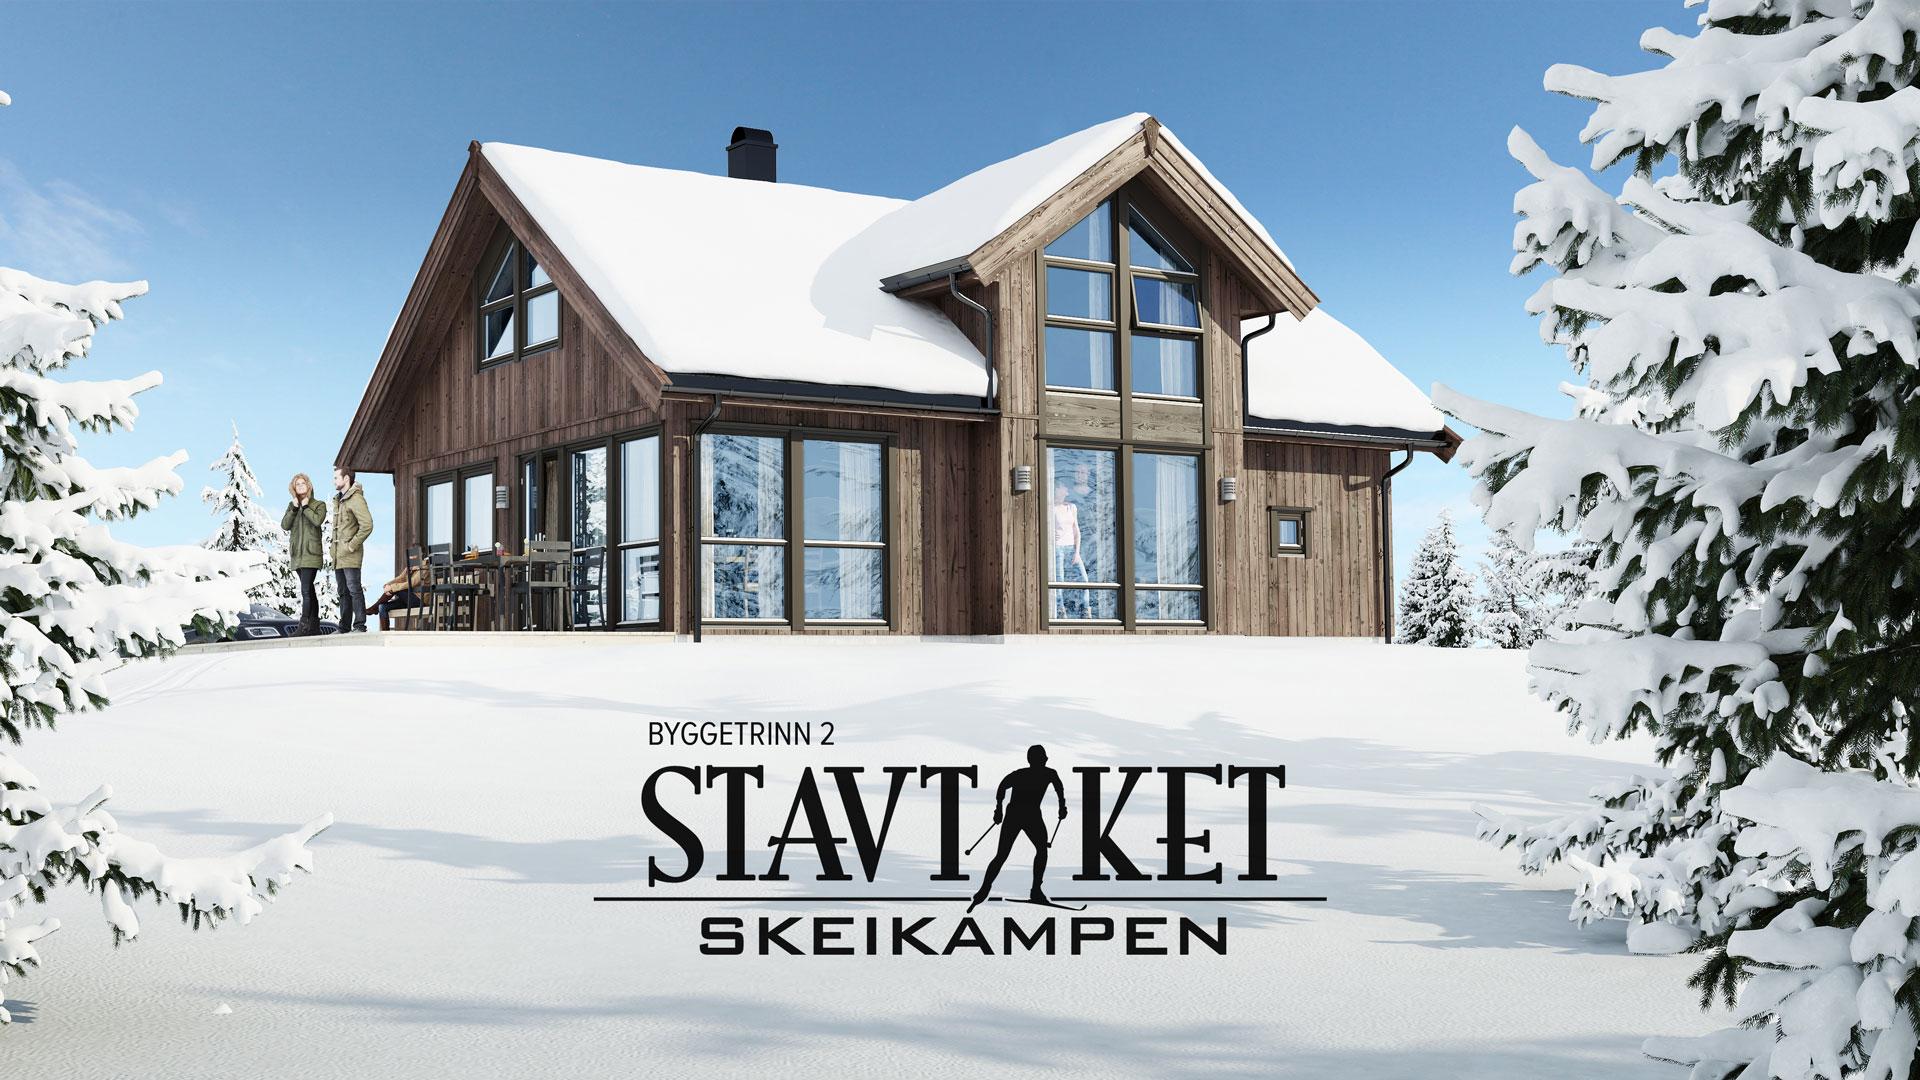 Skeikampen_B571_cam02_1920x1080_logo.jpg